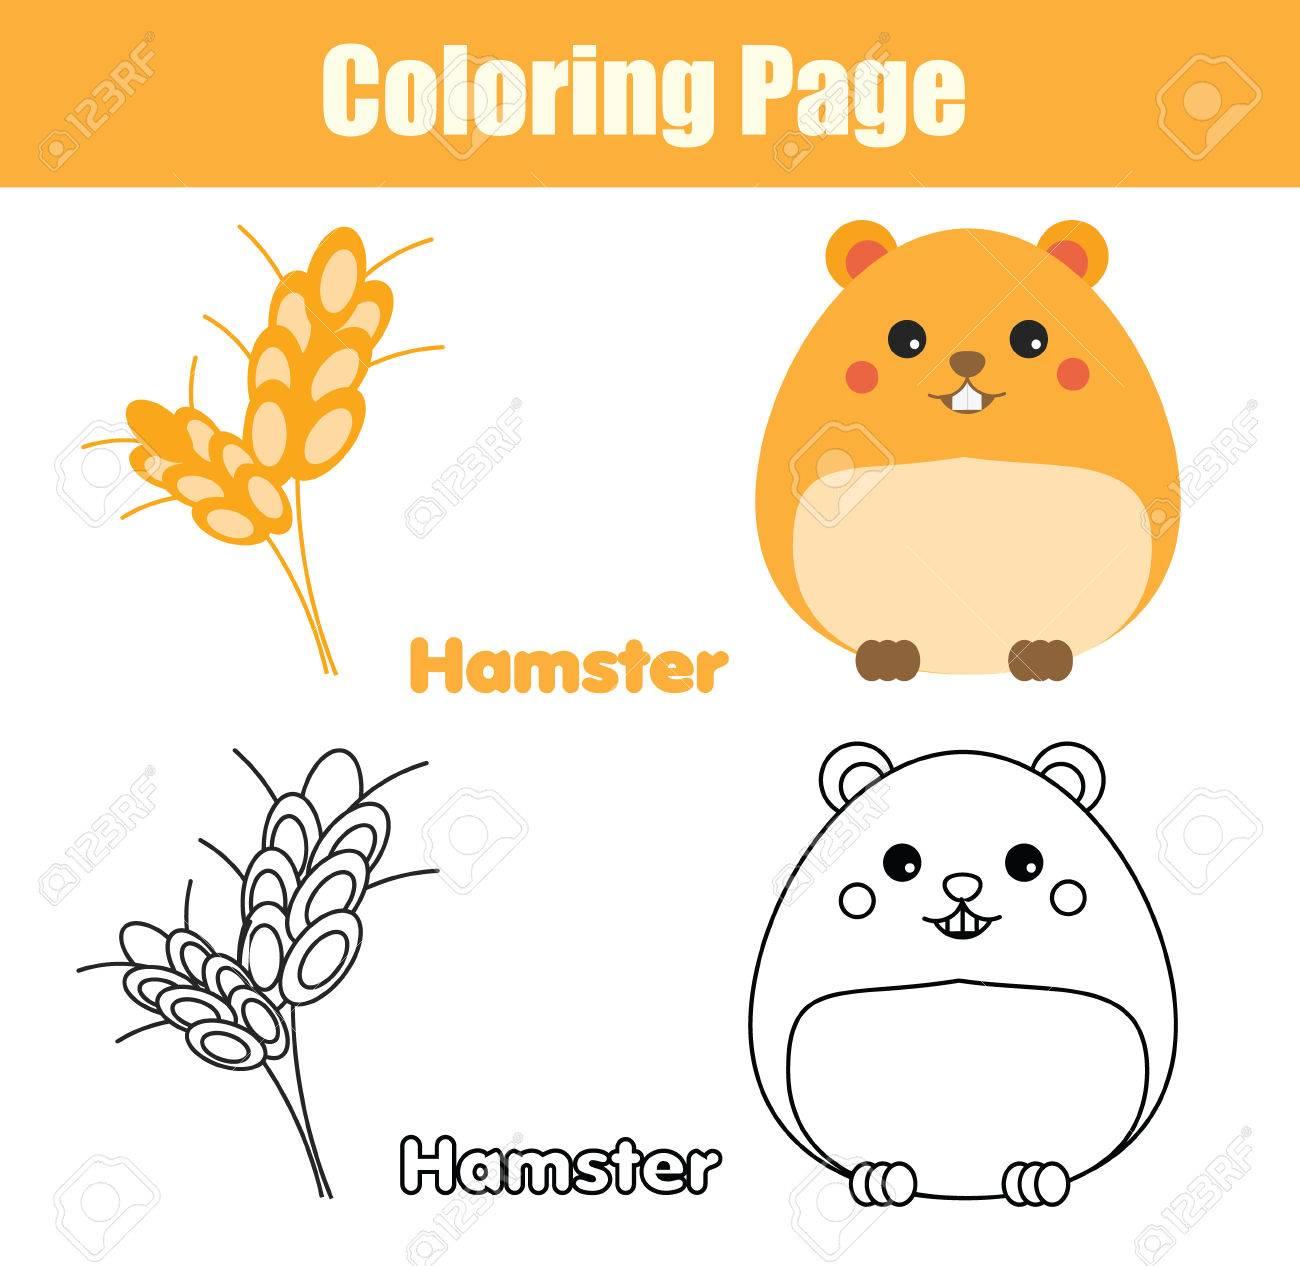 Malvorlage Mit Hamster. Farbe Der Fische Zeichnung Aktivität ...